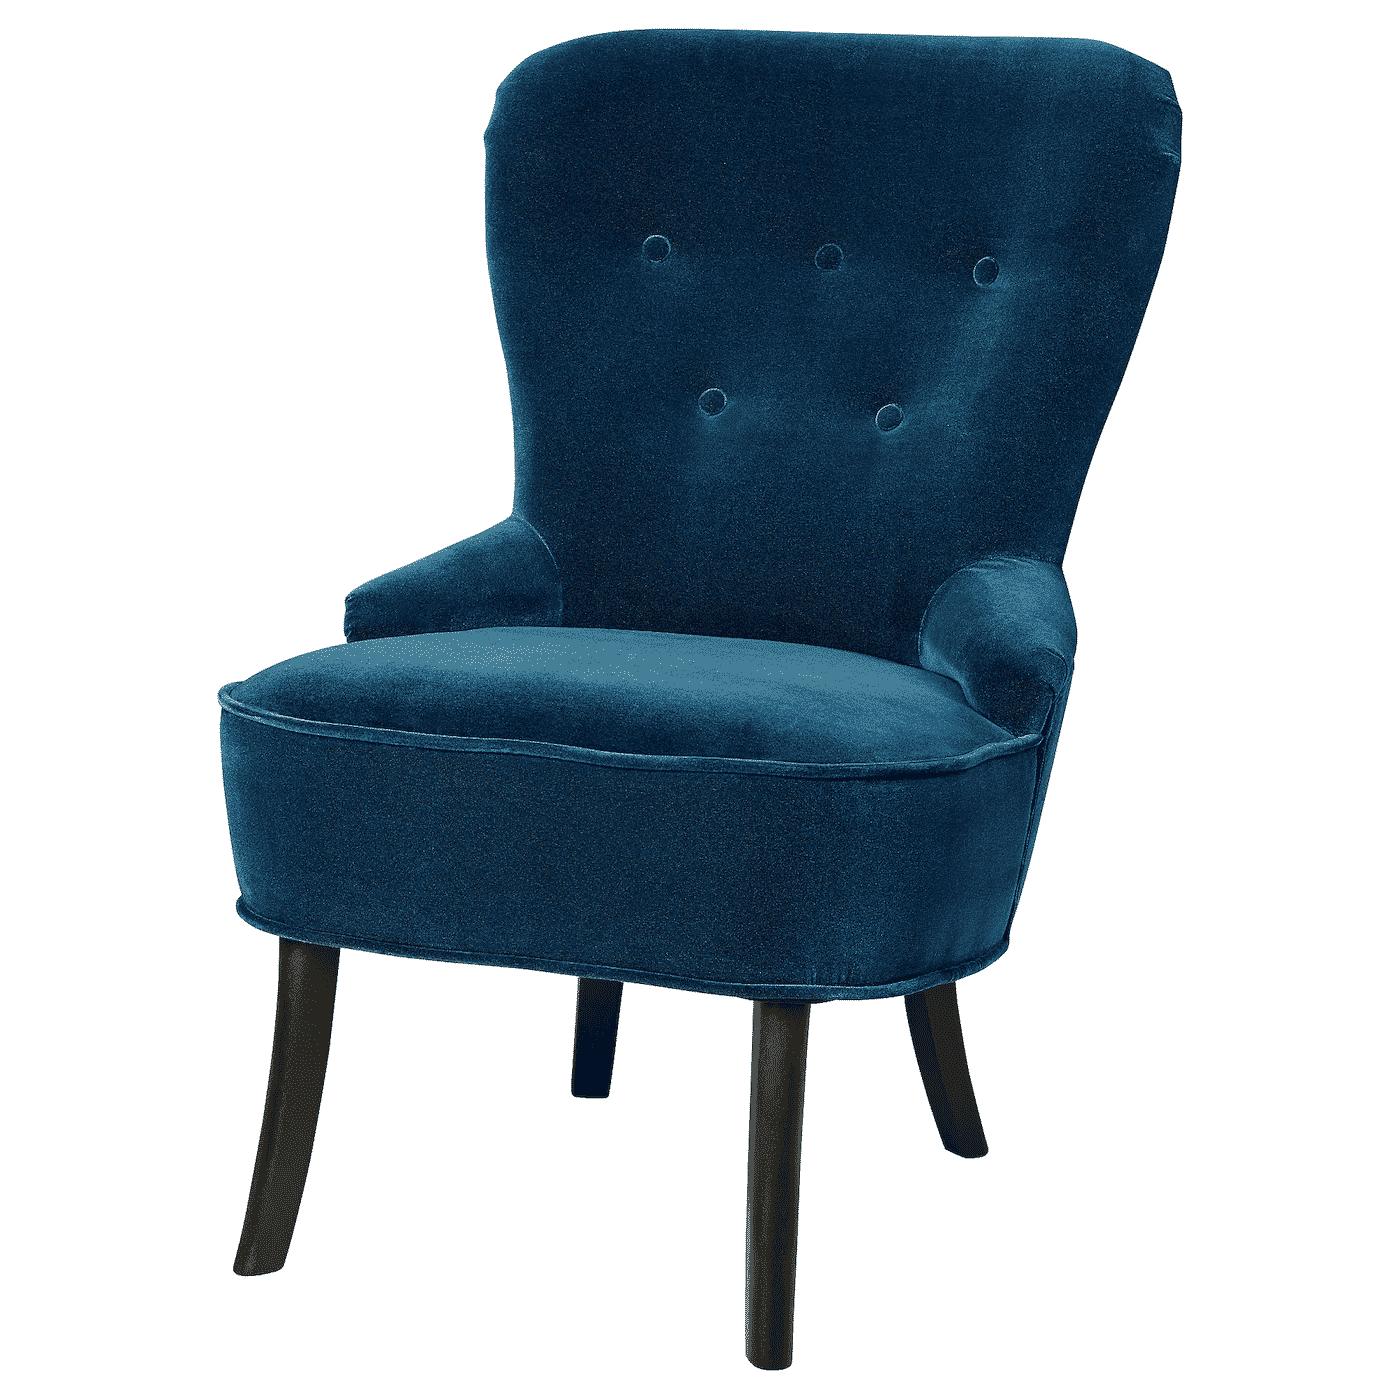 REMSTA Chair